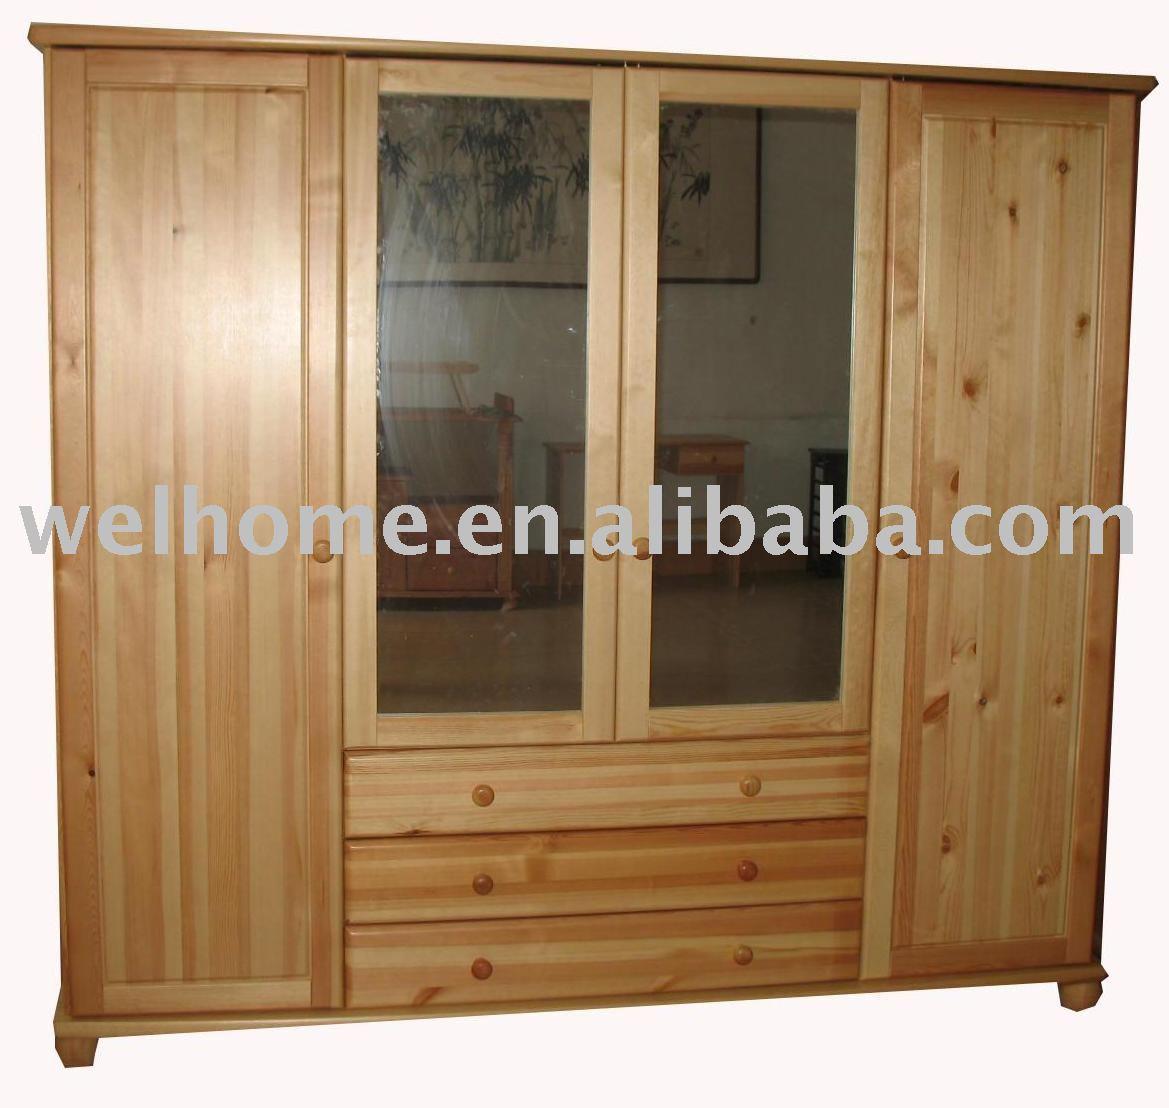 F8301 Lemari Kayu Kayu Lemari Bedroom Buy Lemari Pakaian